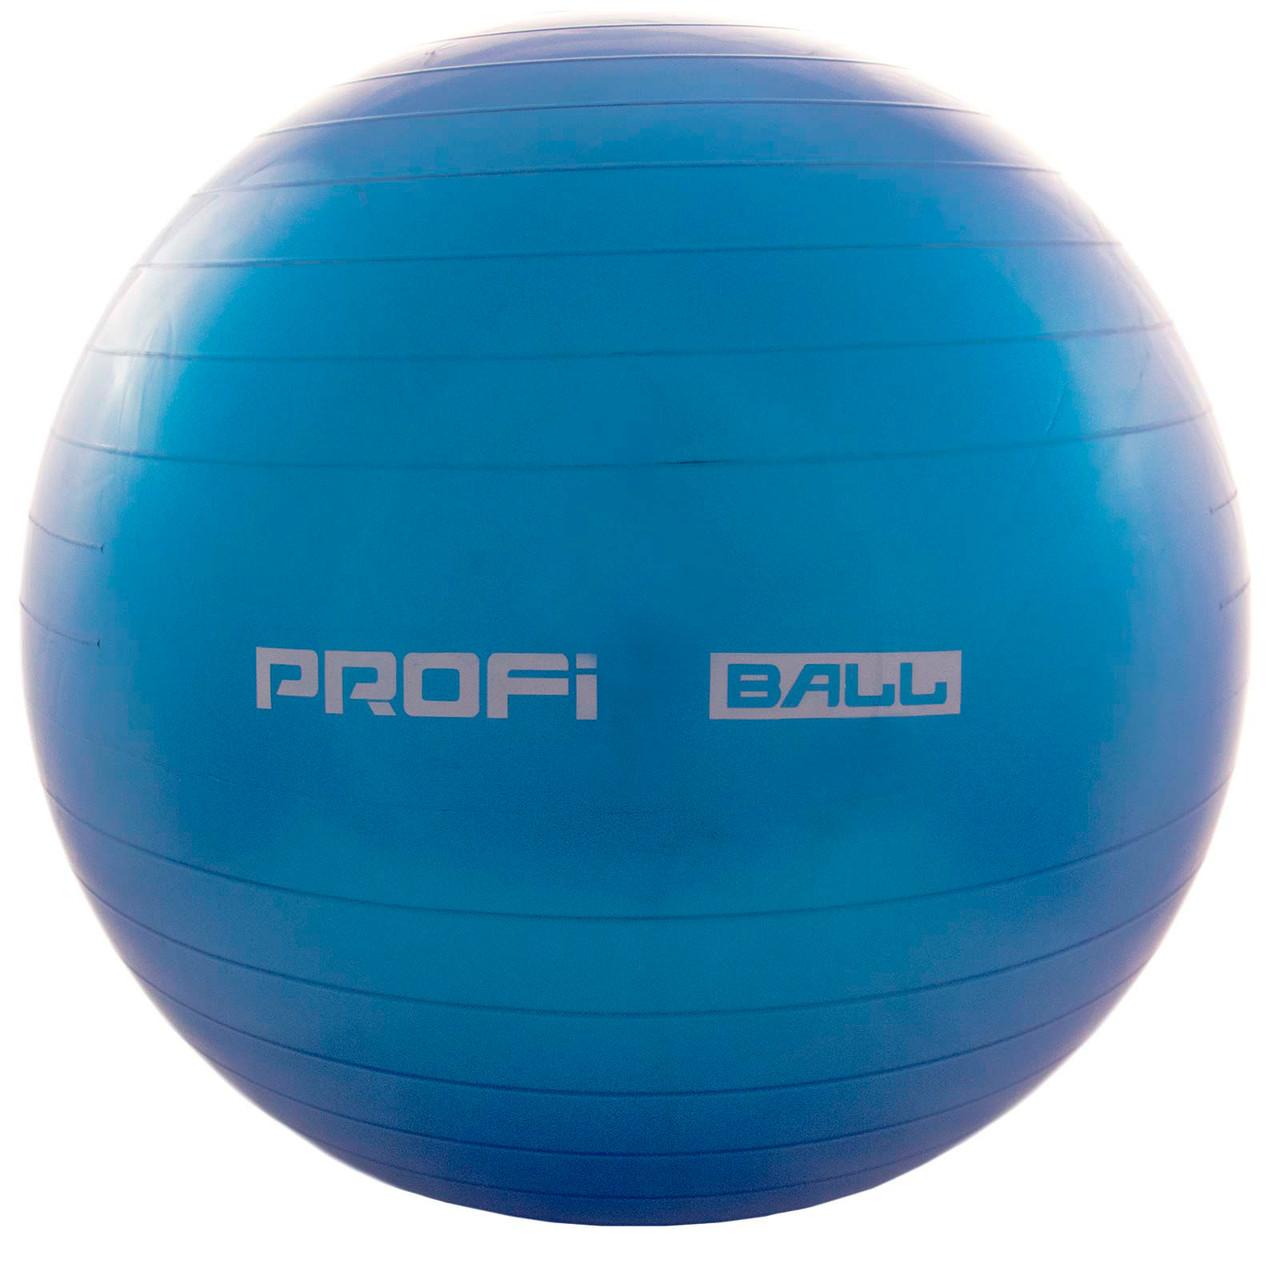 Детский мяч для фитнеса (фитбол) 85 см (глянец, в пакете) Profi (MS 0384) Голубой